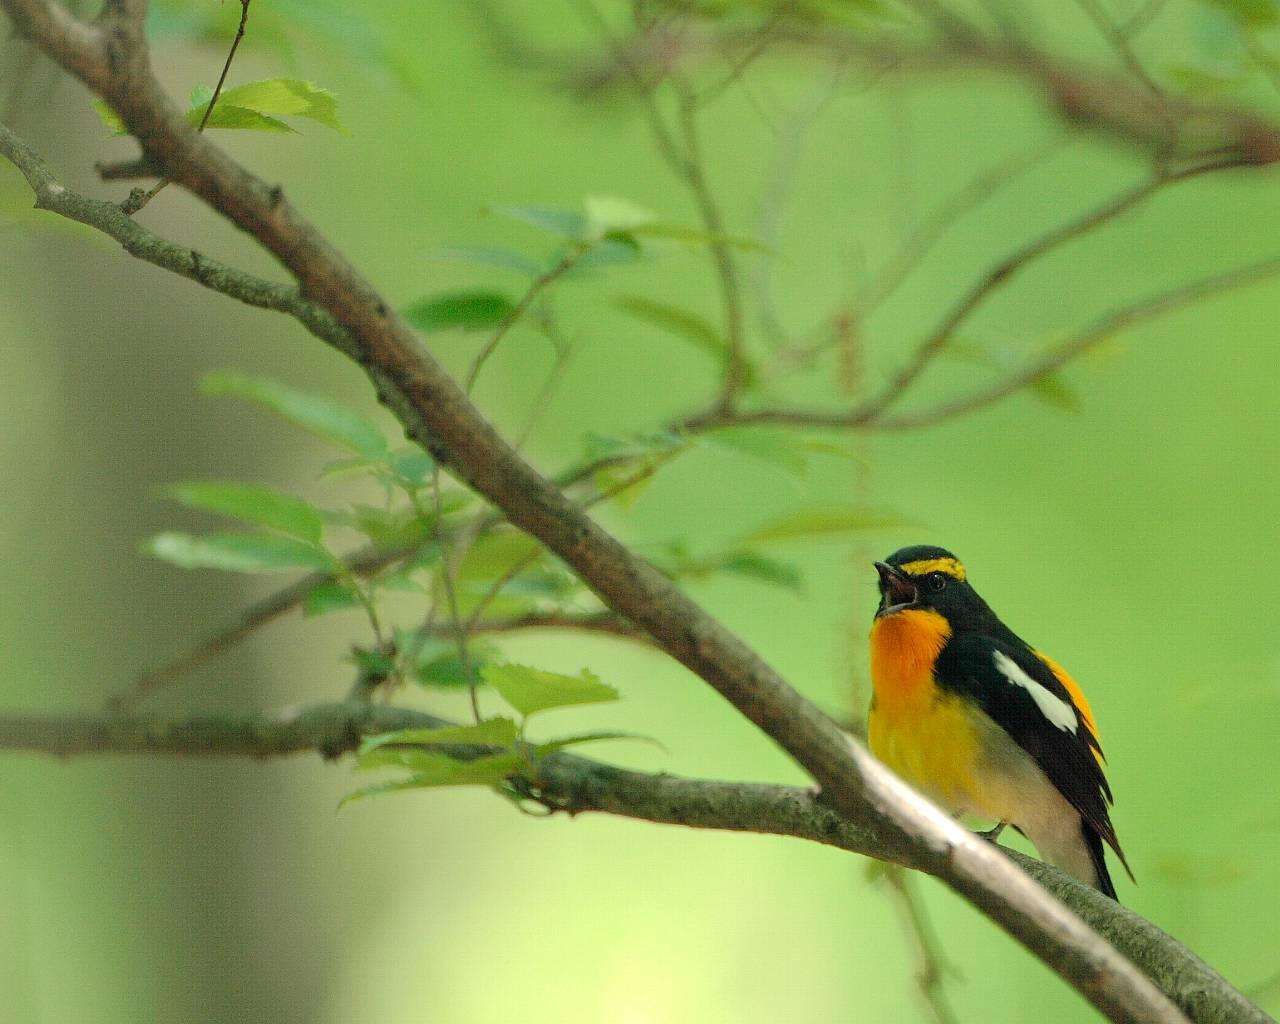 厚木市の青い鳥、赤い鳥、黄色い鳥(全て壁紙あり)_f0105570_2125795.jpg